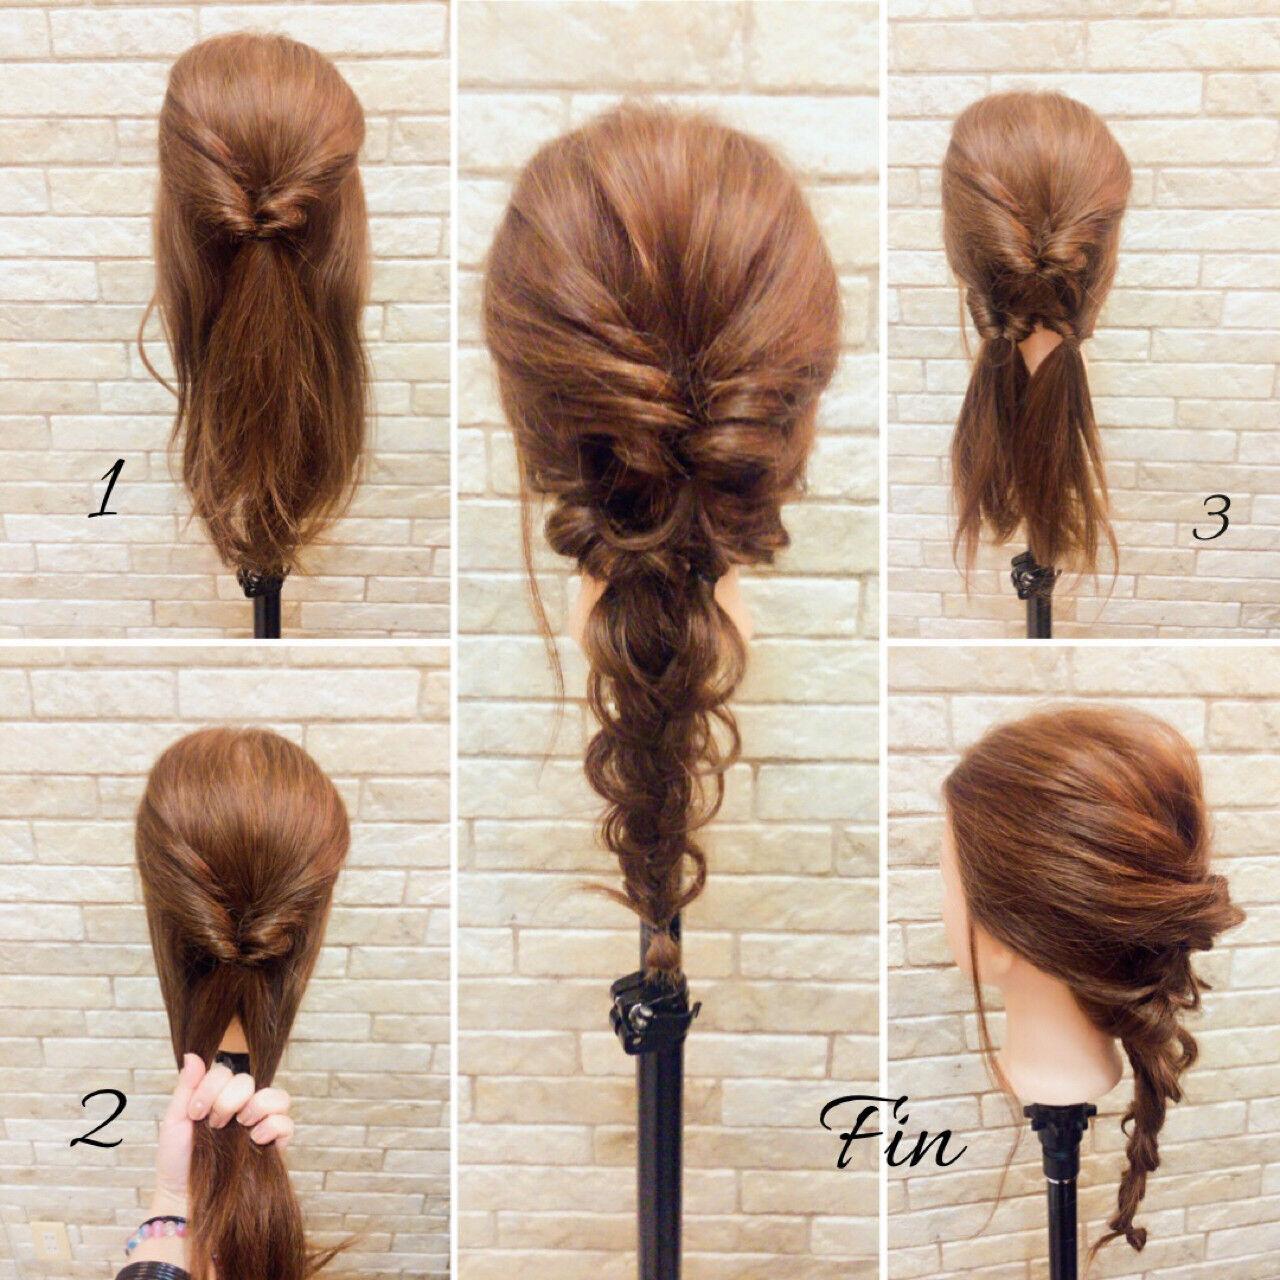 ミディアム 編み込み ヘアアレンジ 簡単ヘアアレンジヘアスタイルや髪型の写真・画像